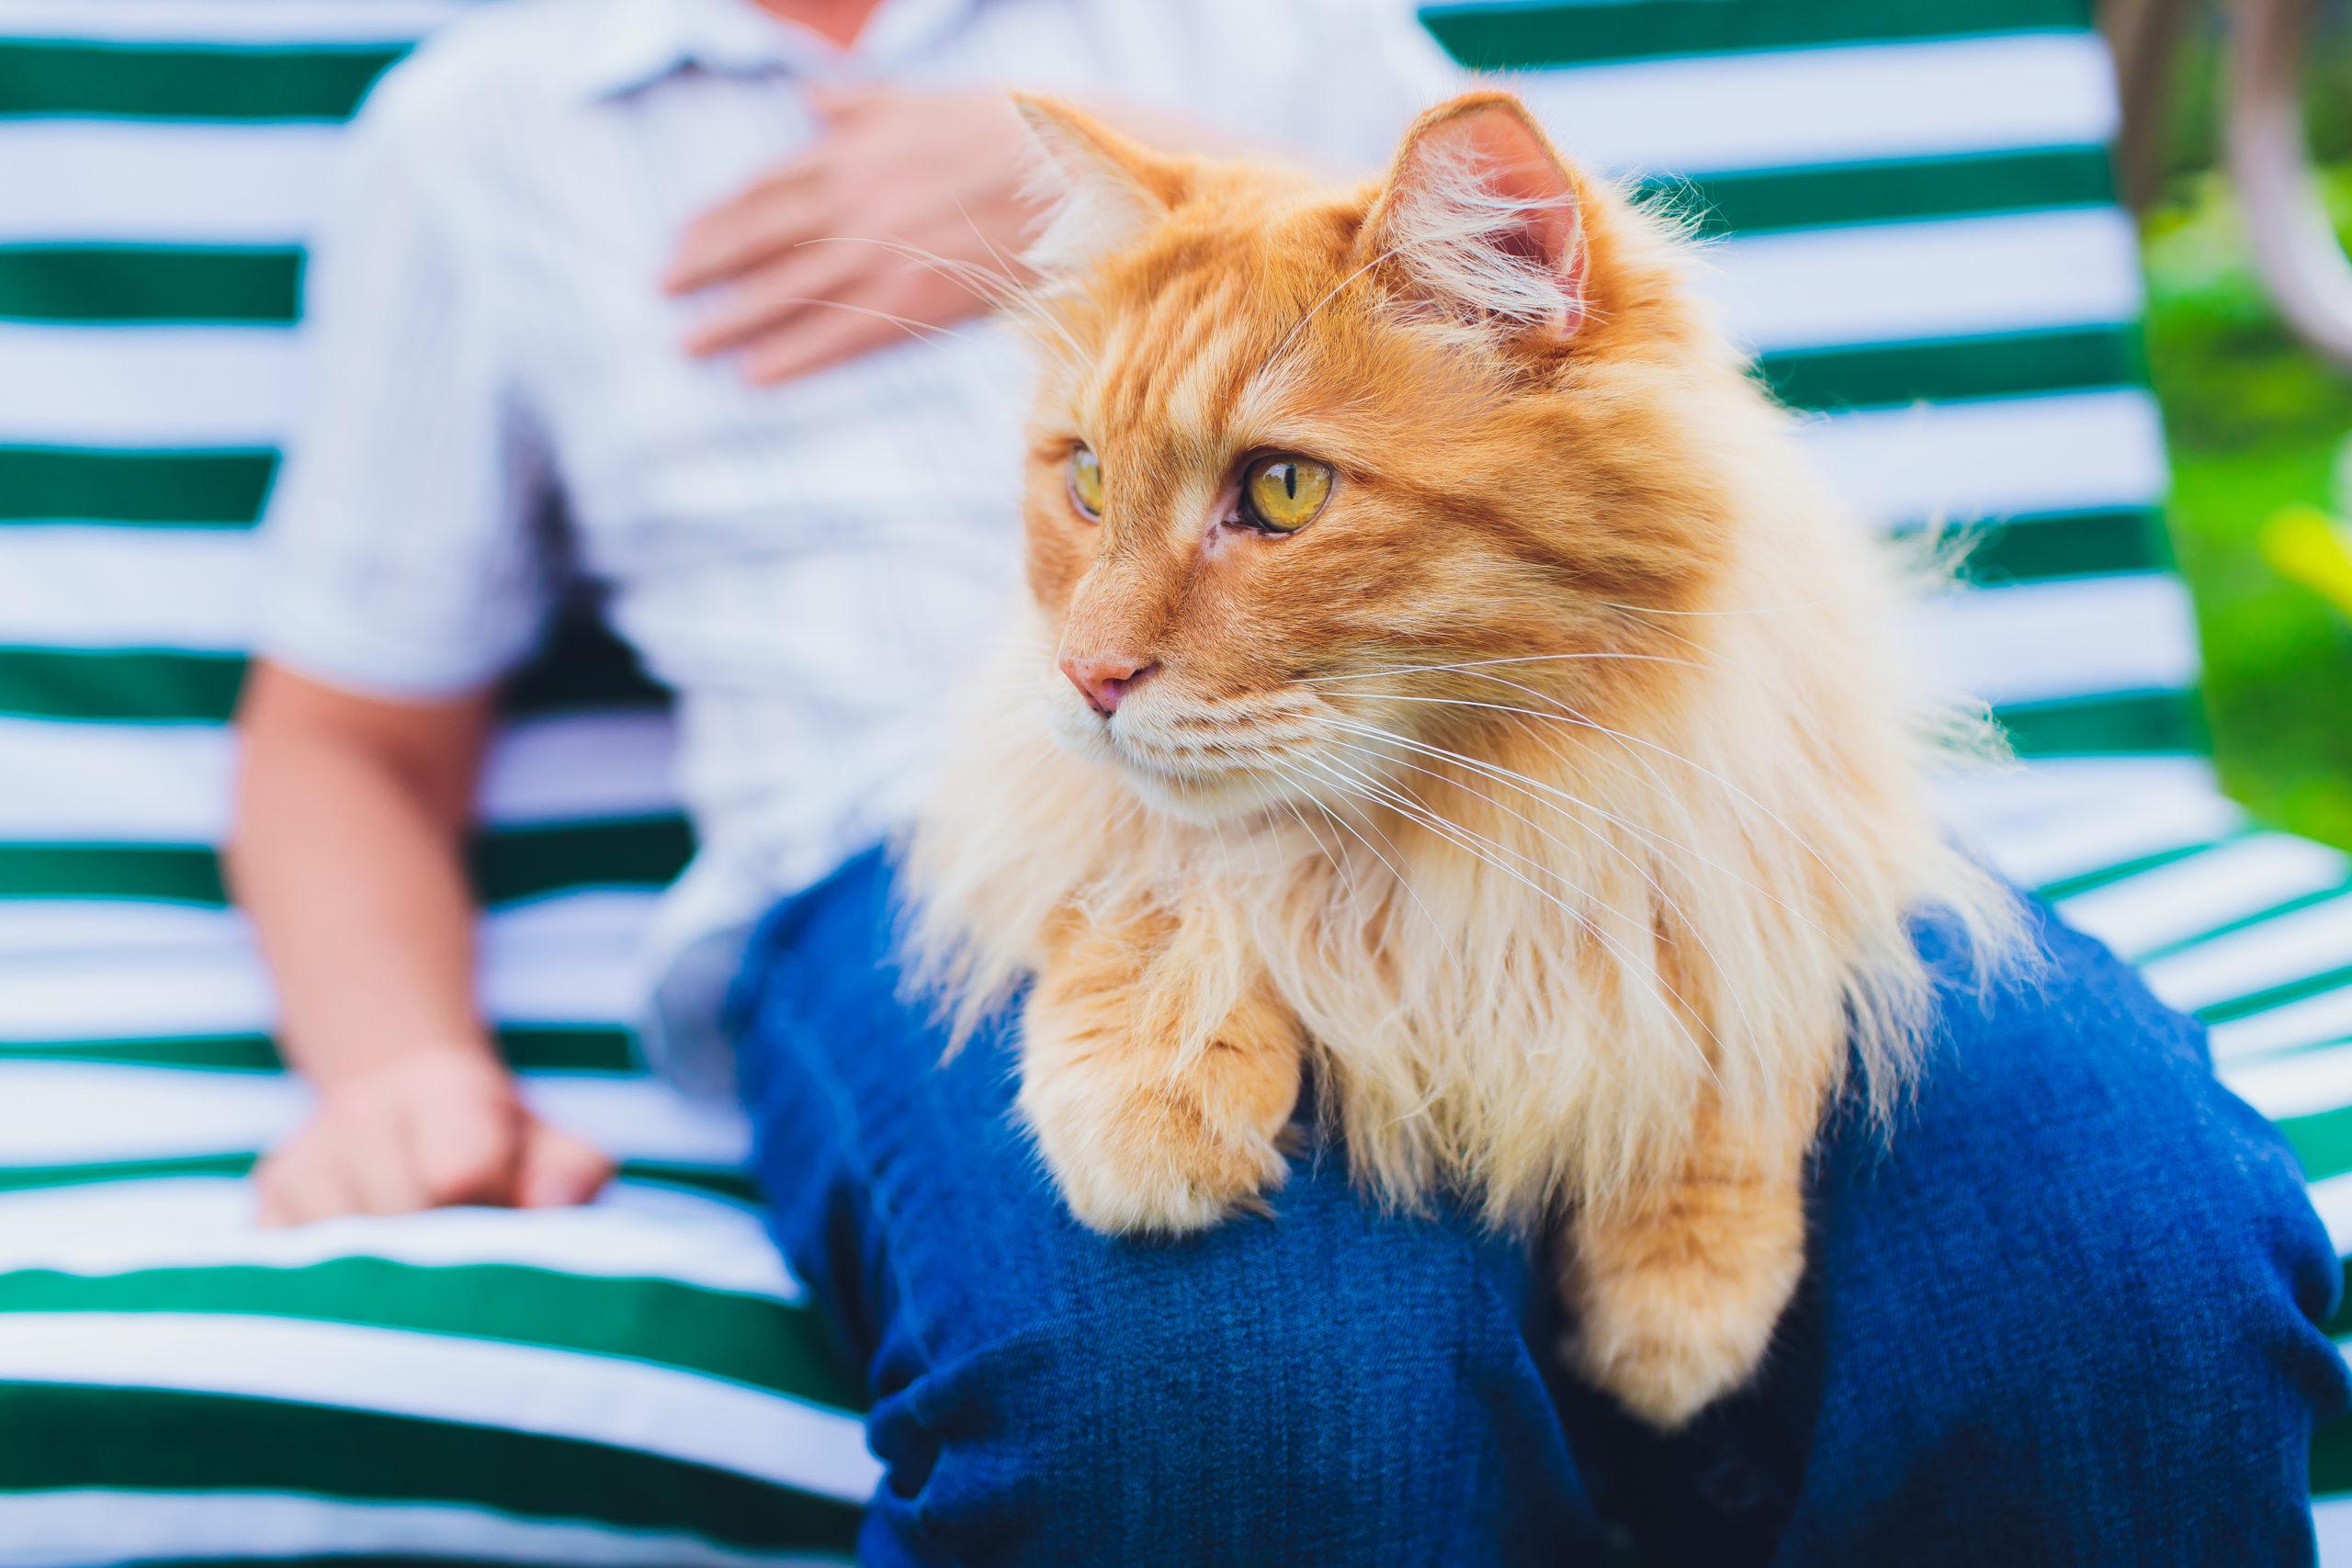 猫にお尻を向けられた時の飼い主の対応